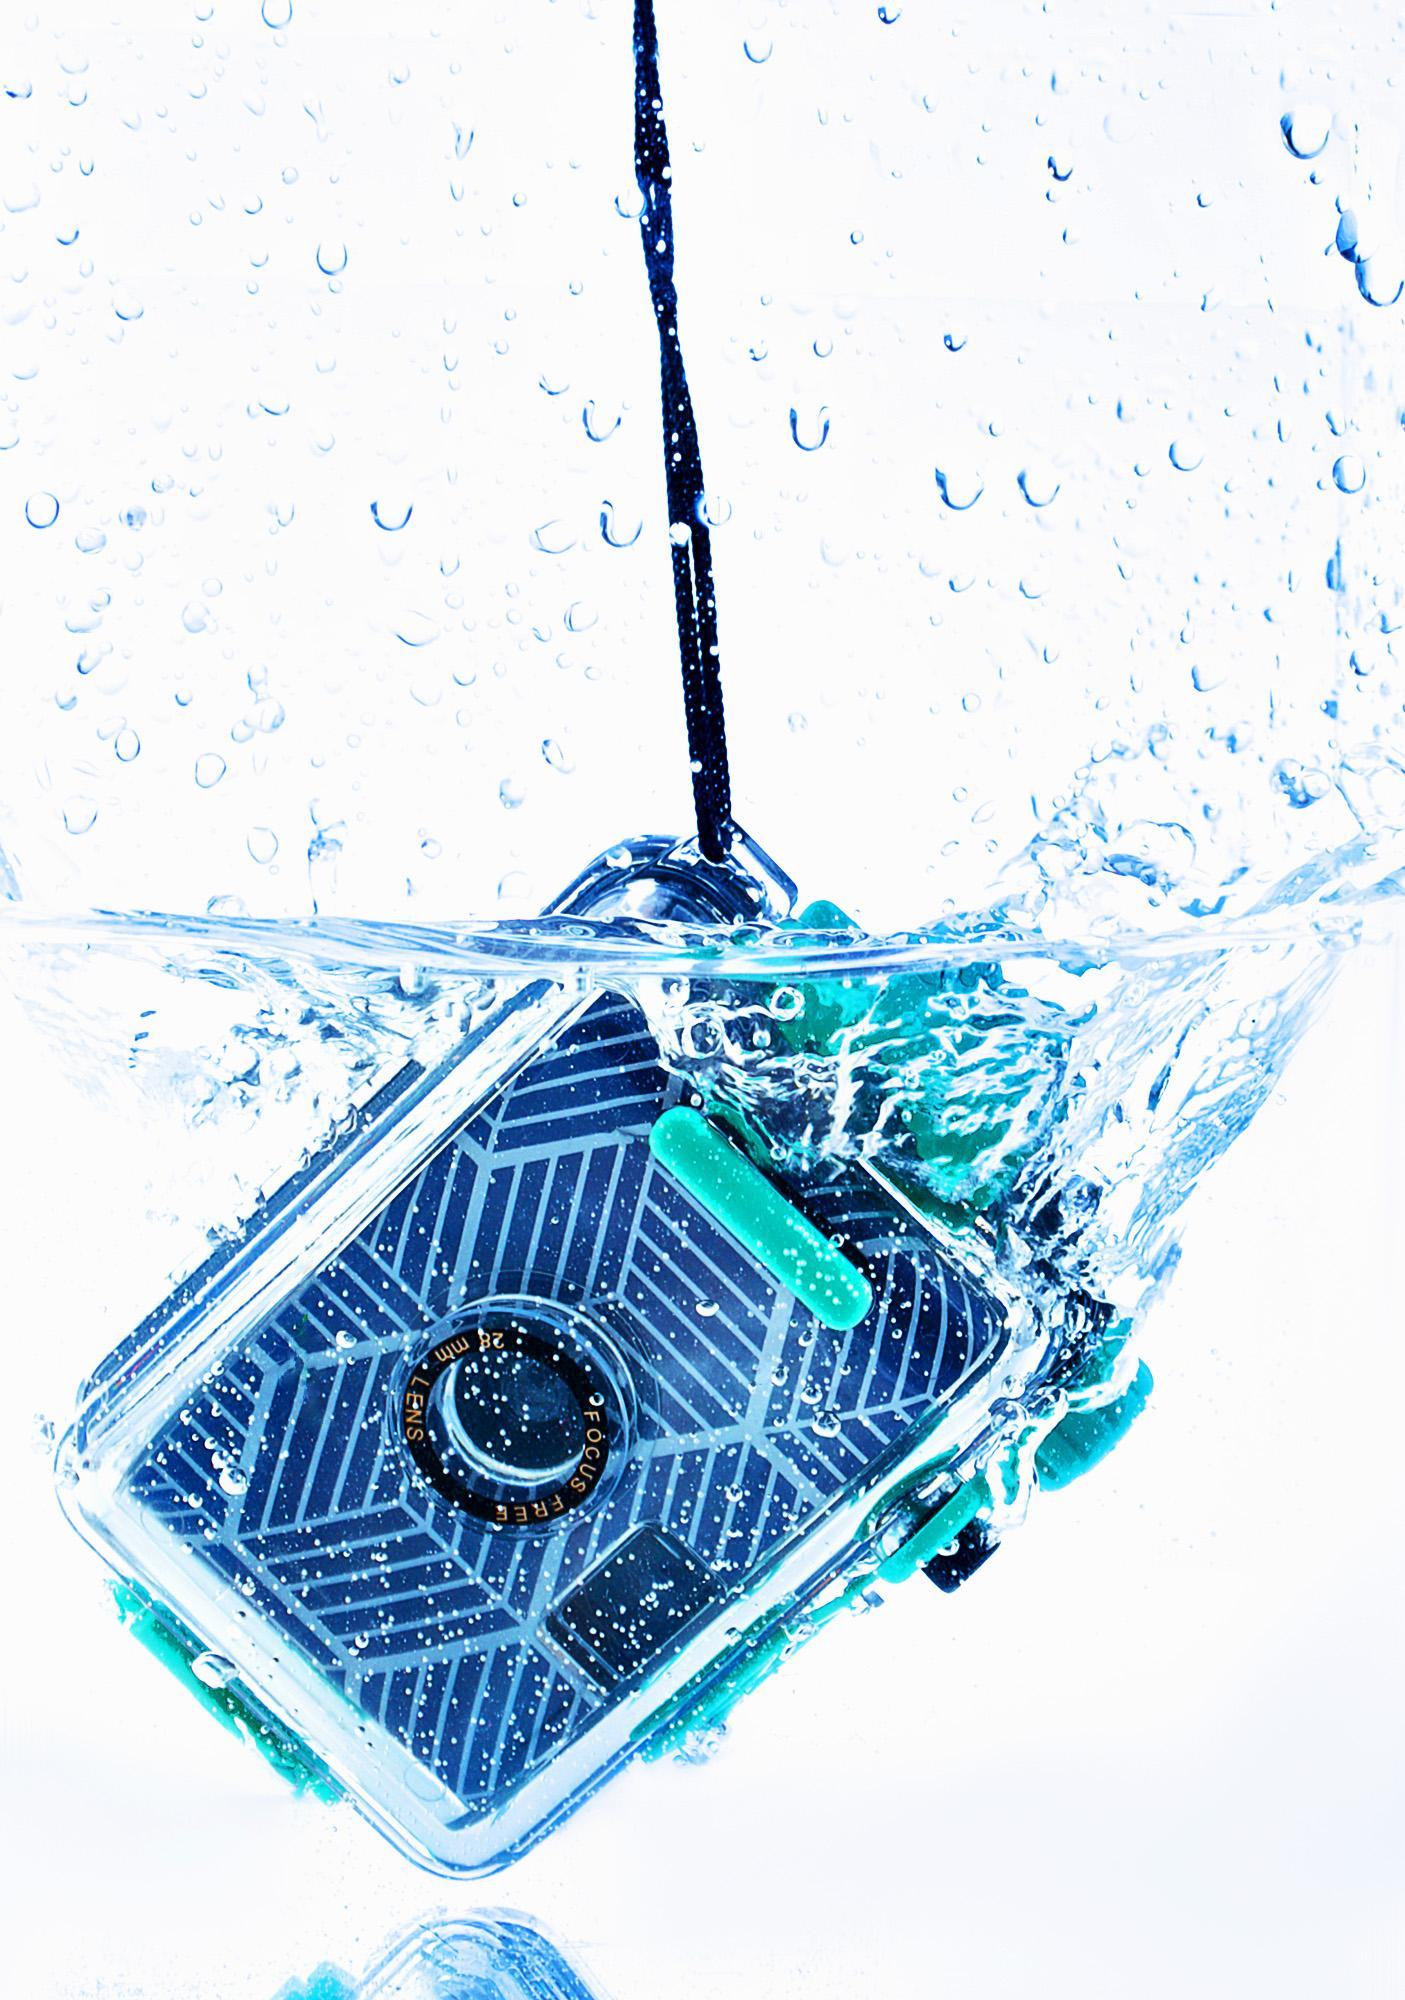 Makin' Waves Underwater Camera